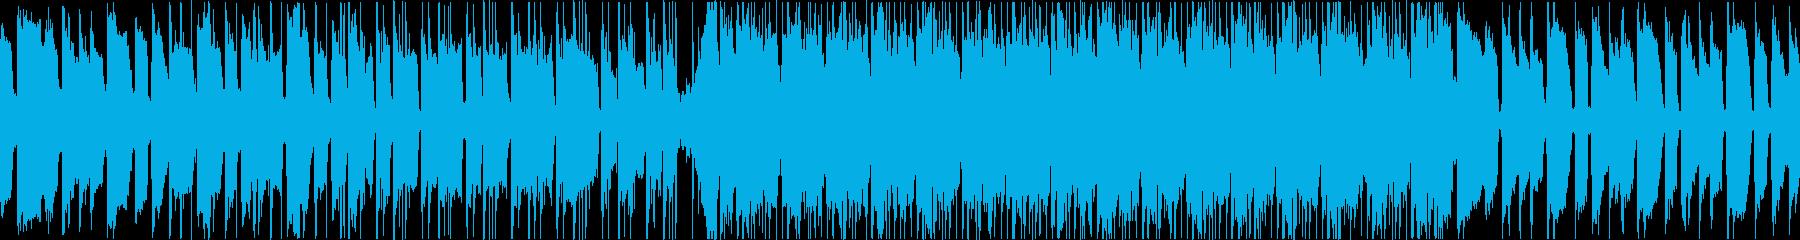 ローファイ、R&B、おしゃれ、CMの再生済みの波形